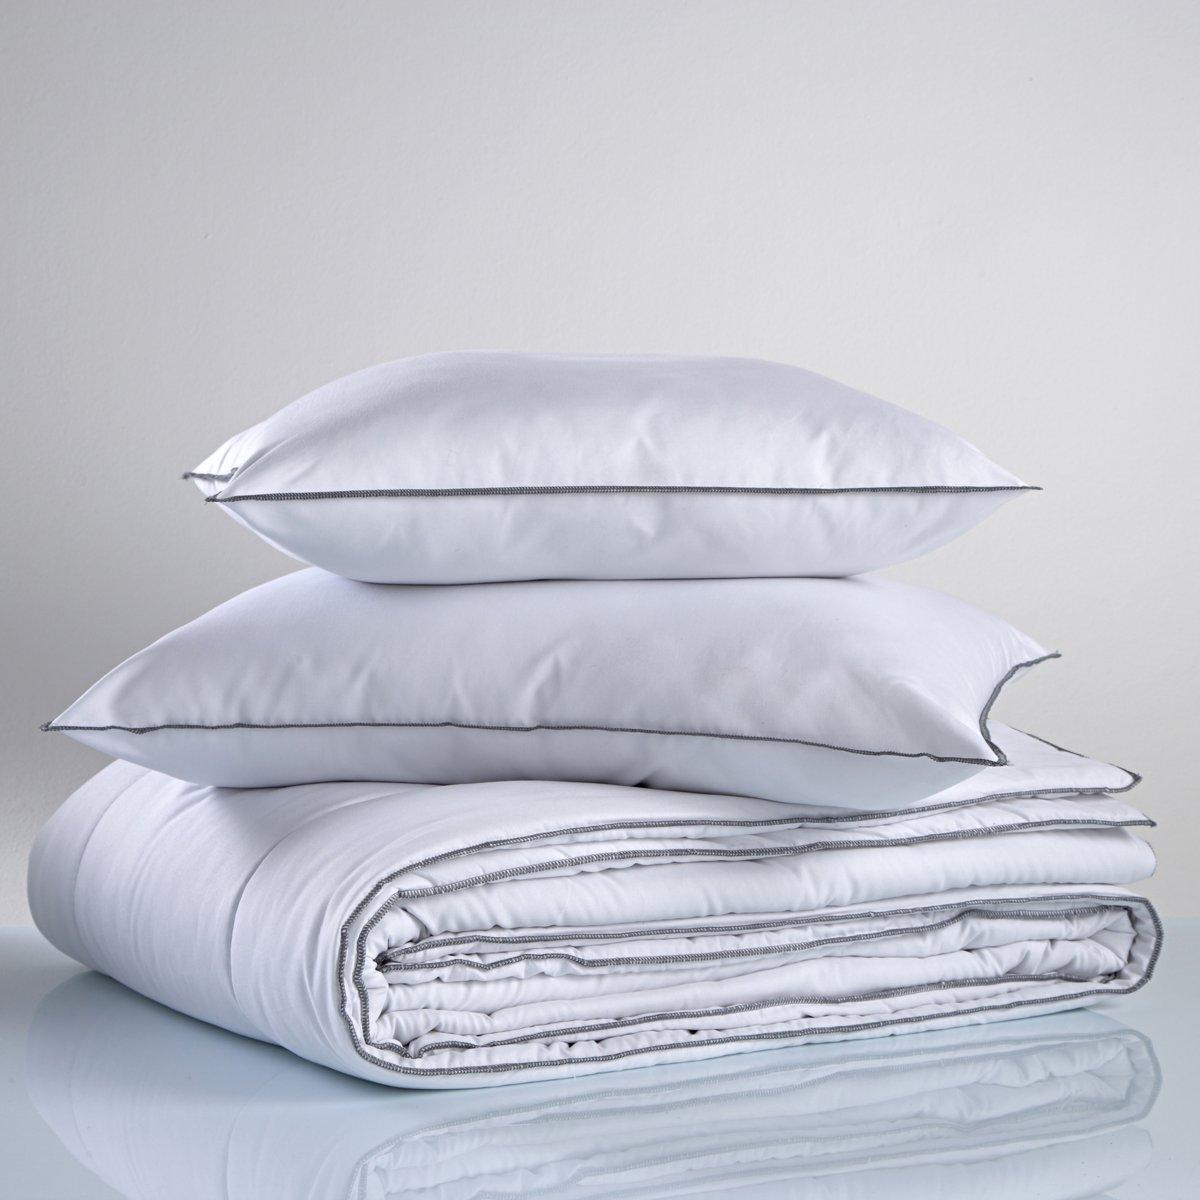 Одеяло синтетическое 300 г/м2 100% полиэстерХарактеристики синтетического одеяла:• Наполнитель из волокна 100% полиэстер (300 г/м2)• Верх из микрофибры 100% полиэстер 83г/м2• Прострочка линиями • Отделка серым перекидным швом • Уход  : стирка при 40°С• Идеально для комнаты с температурой от 15° до 20°• Продается скрученным в чехле Подходящие подушки продаются на нашем сайте<br><br>Цвет: белый